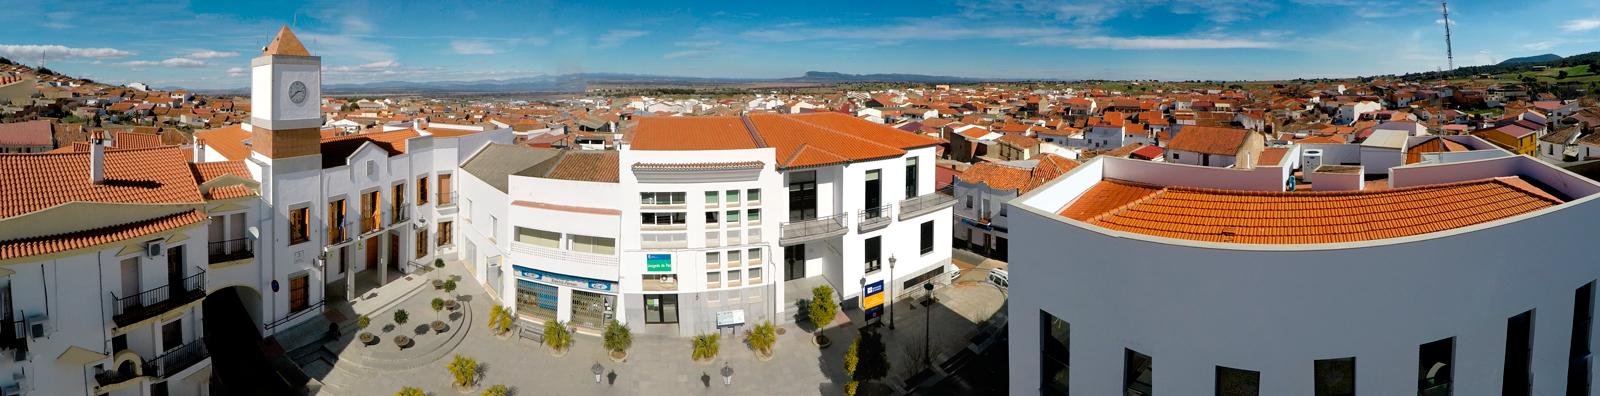 aerea-ayuntamiento